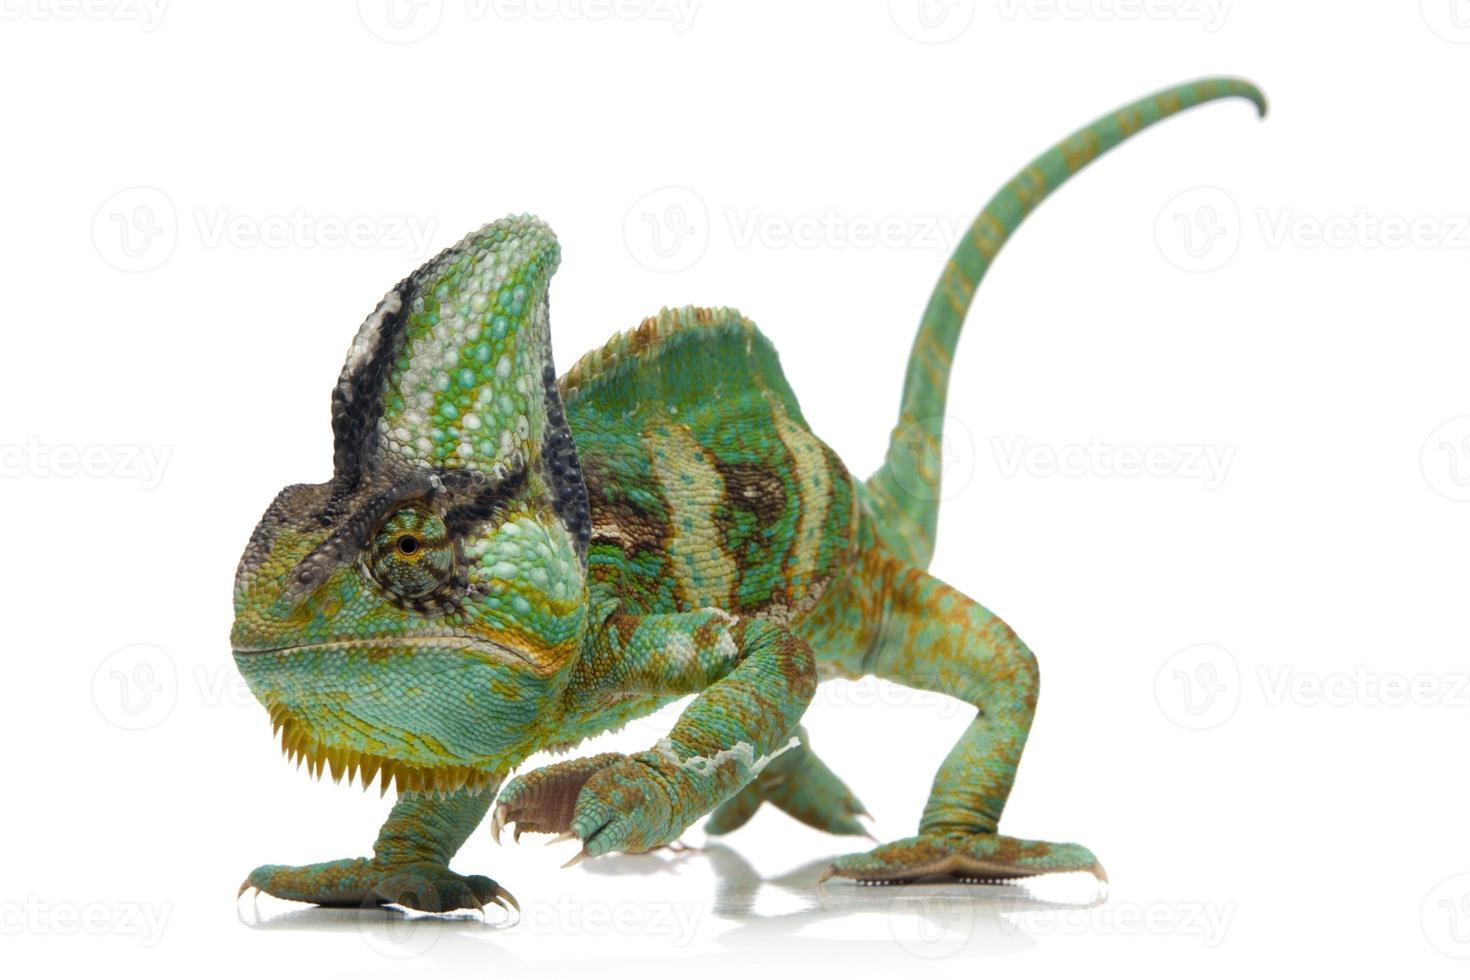 camaleão velado com cores vivas, isolado no branco foto